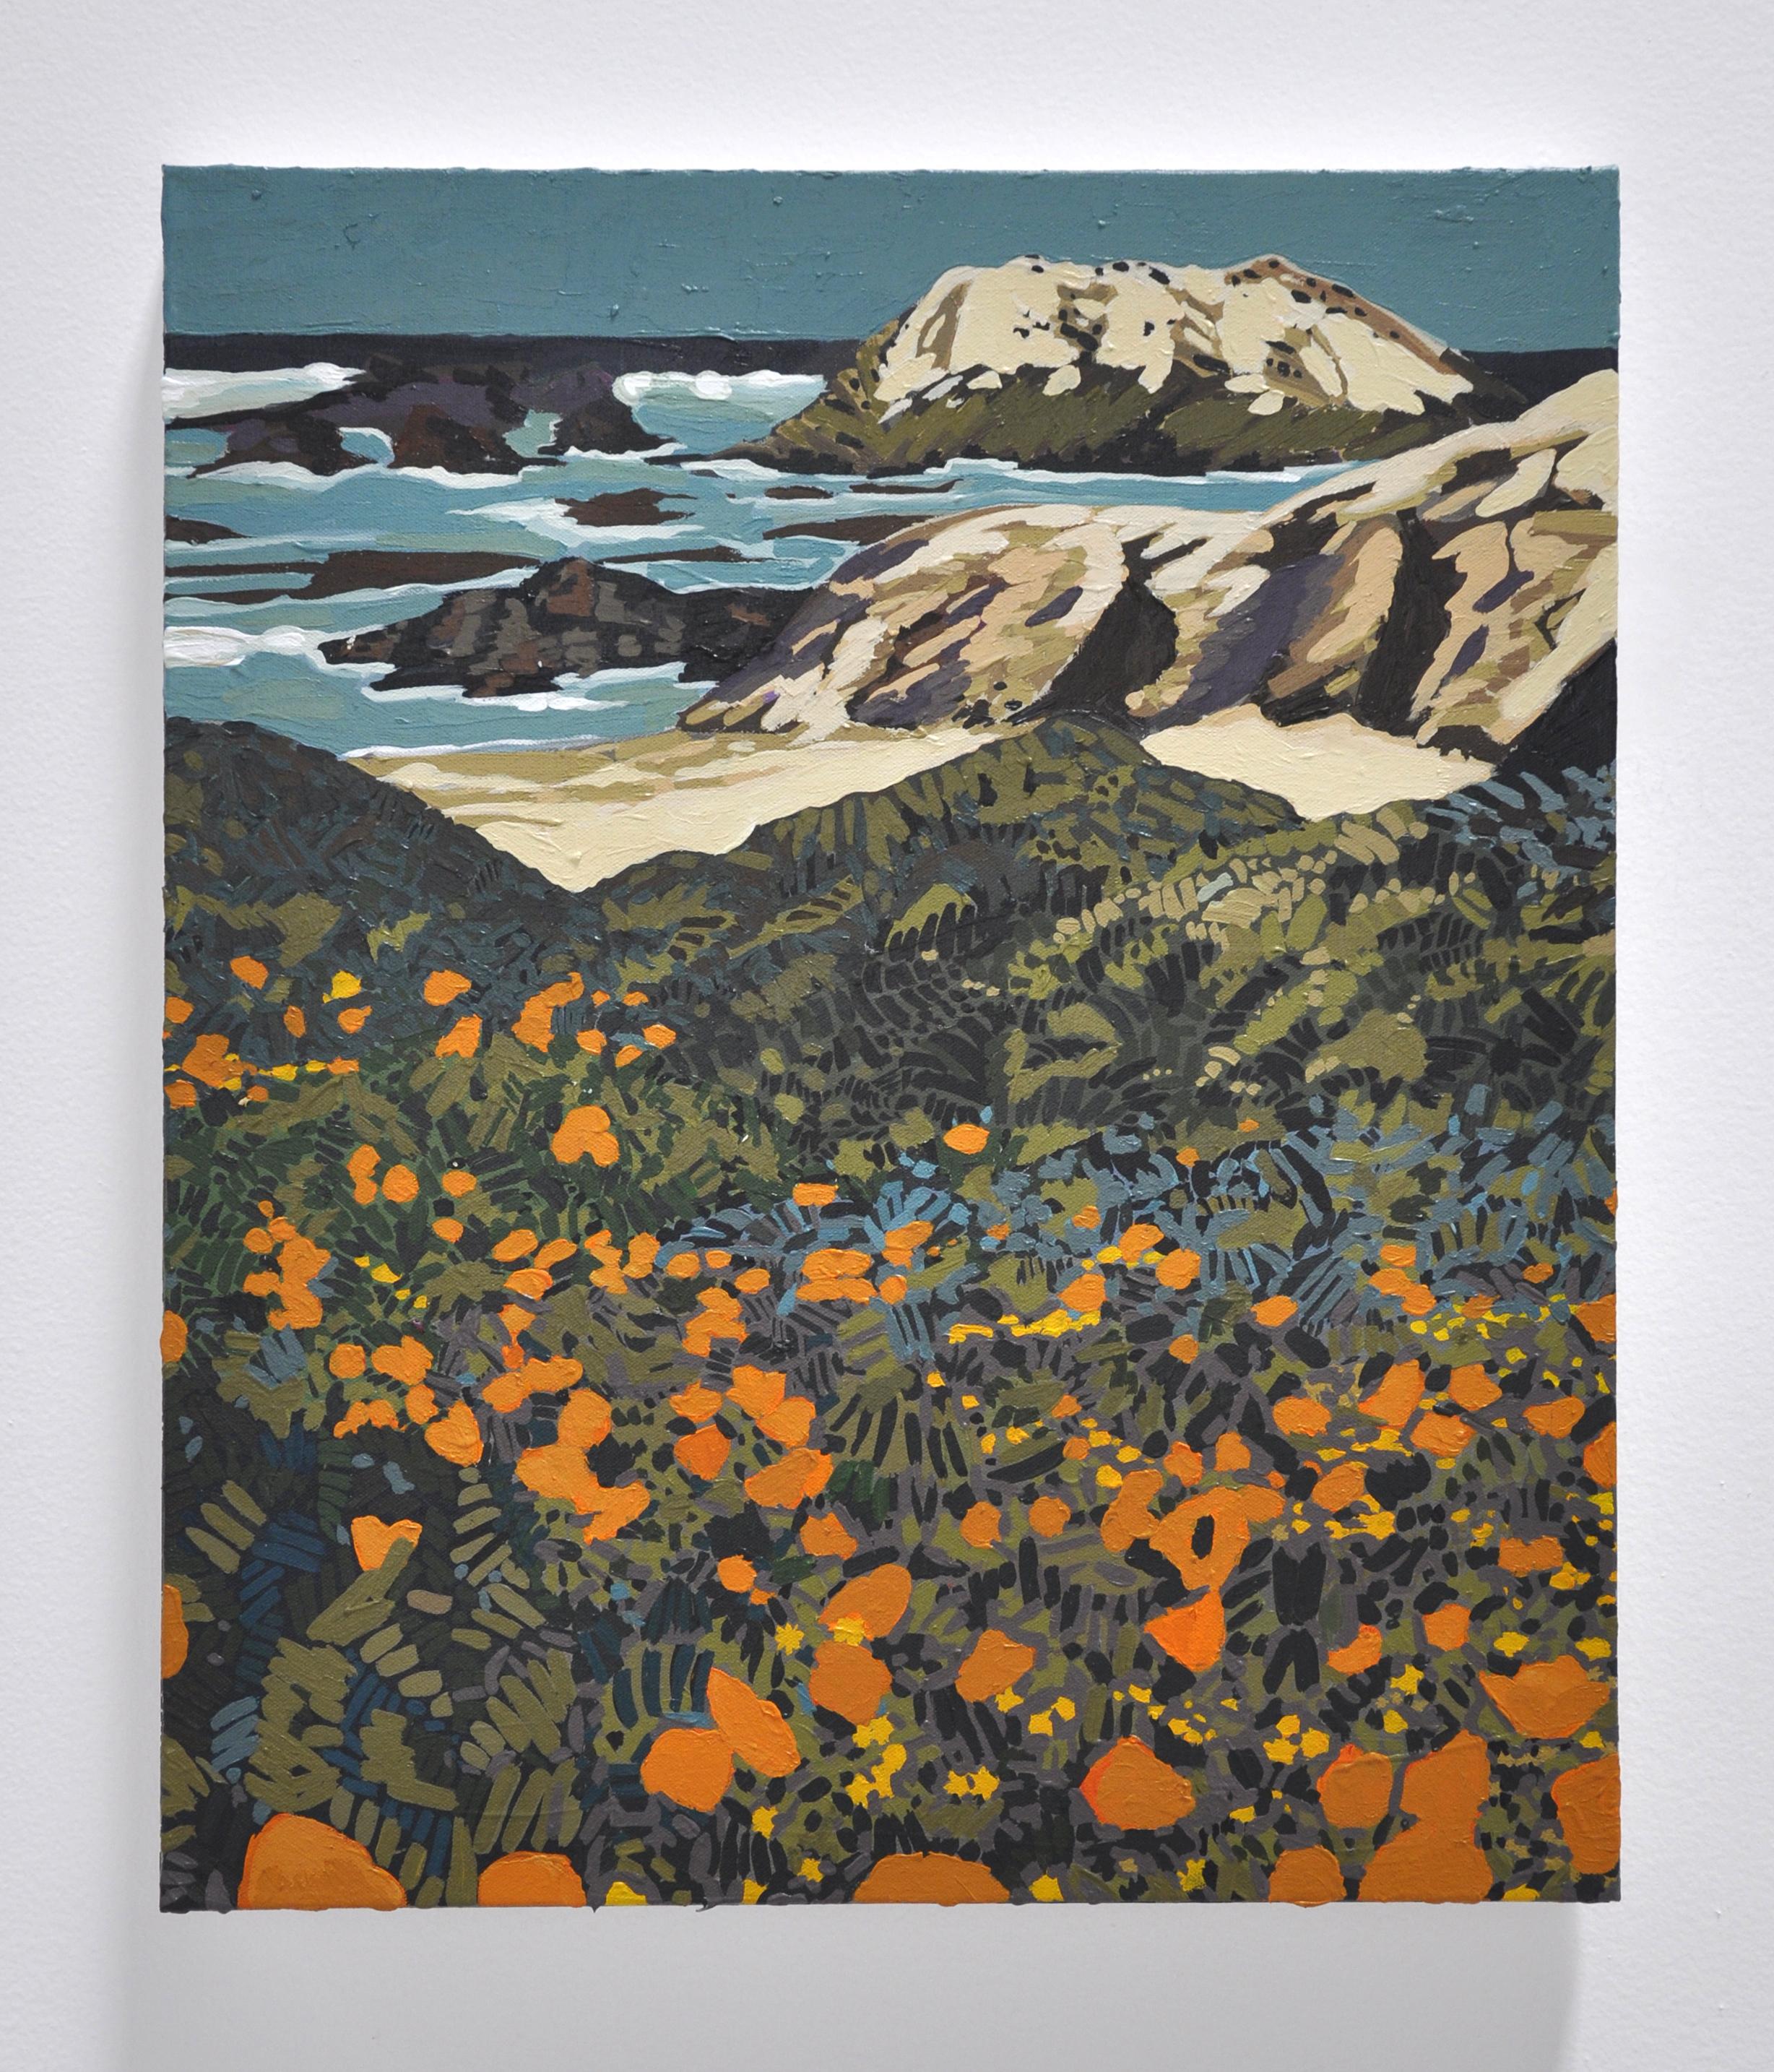 """Hilary Pecis, """"California Coast"""", 2018, Acrylic on Canvas, 24 x 20in"""